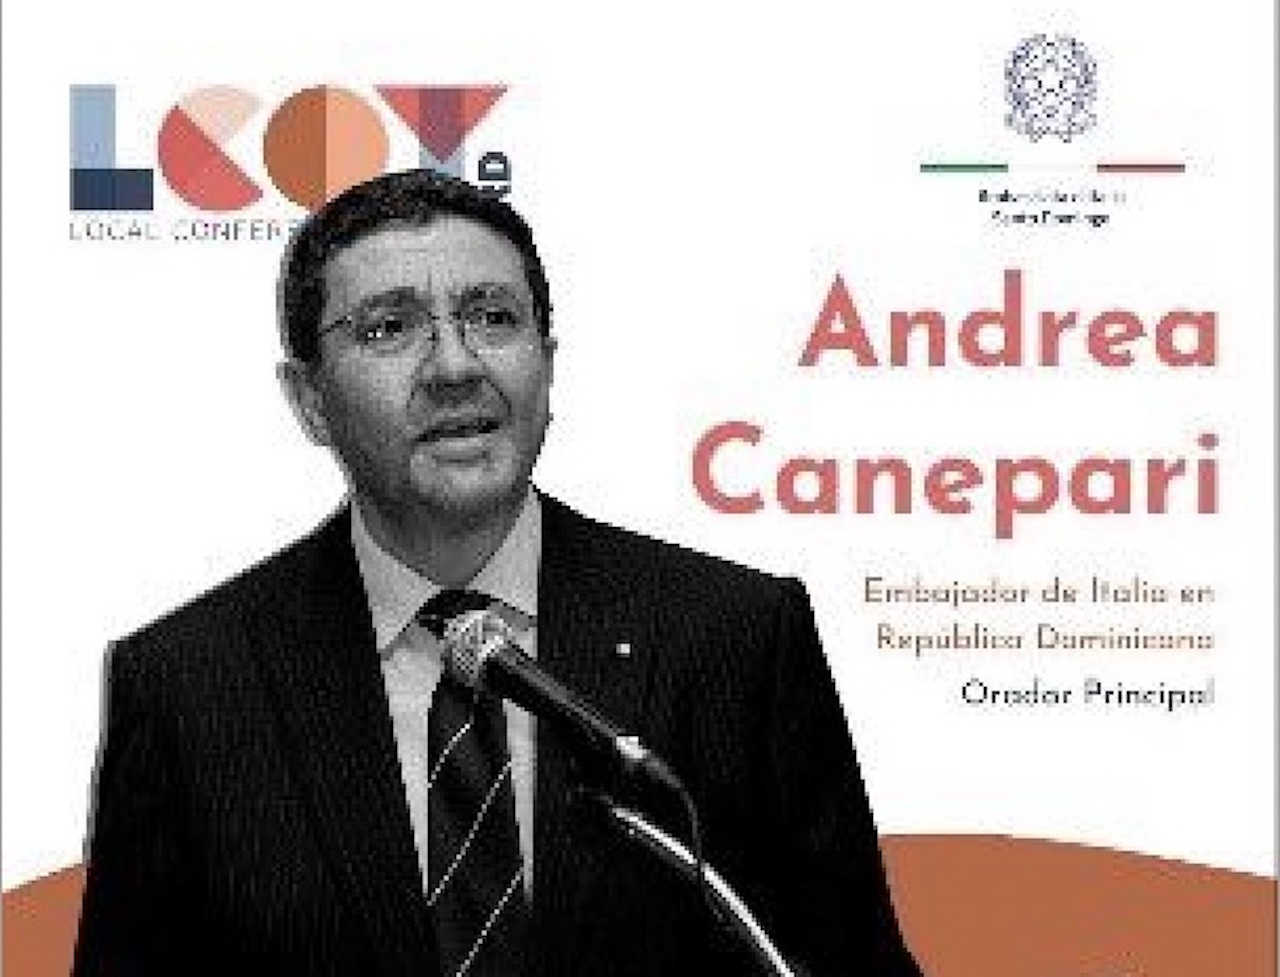 L'ambasciatore Canepari alla prima Conferenza Locale dei Giovani sul Cambiamento Climatico in Repubblica Dominicana